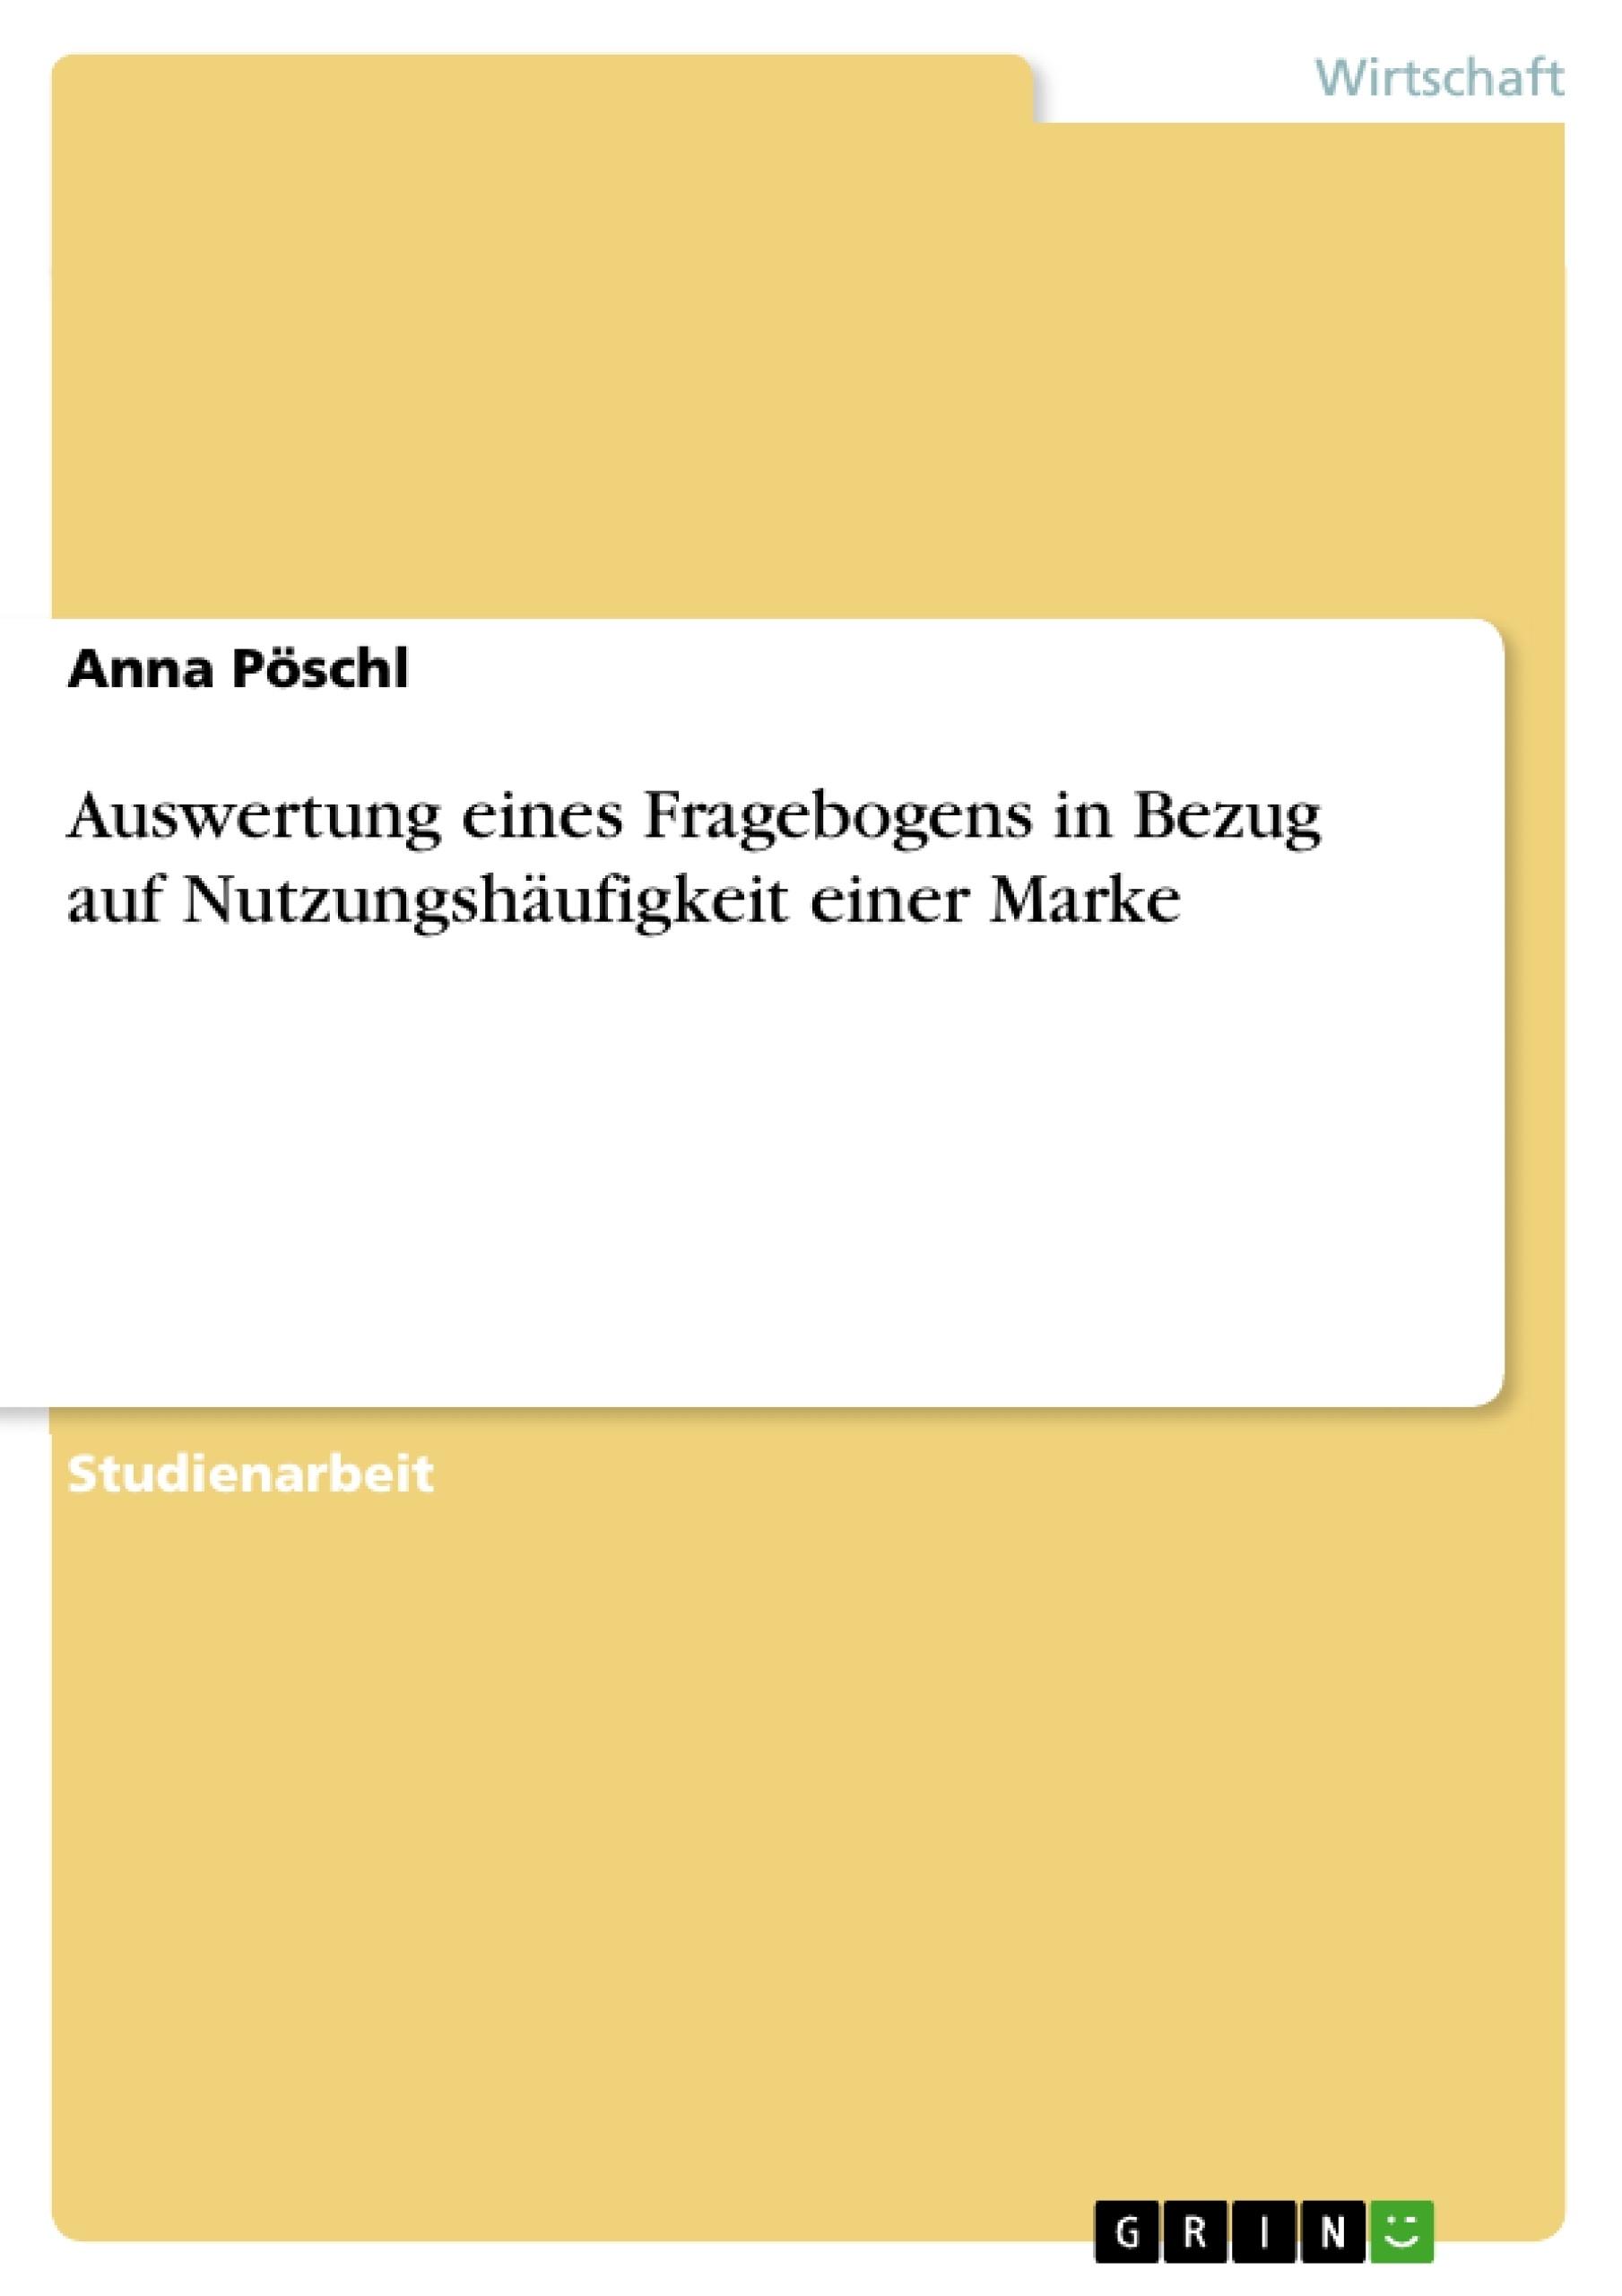 Titel: Auswertung eines Fragebogens in Bezug auf Nutzungshäufigkeit einer Marke